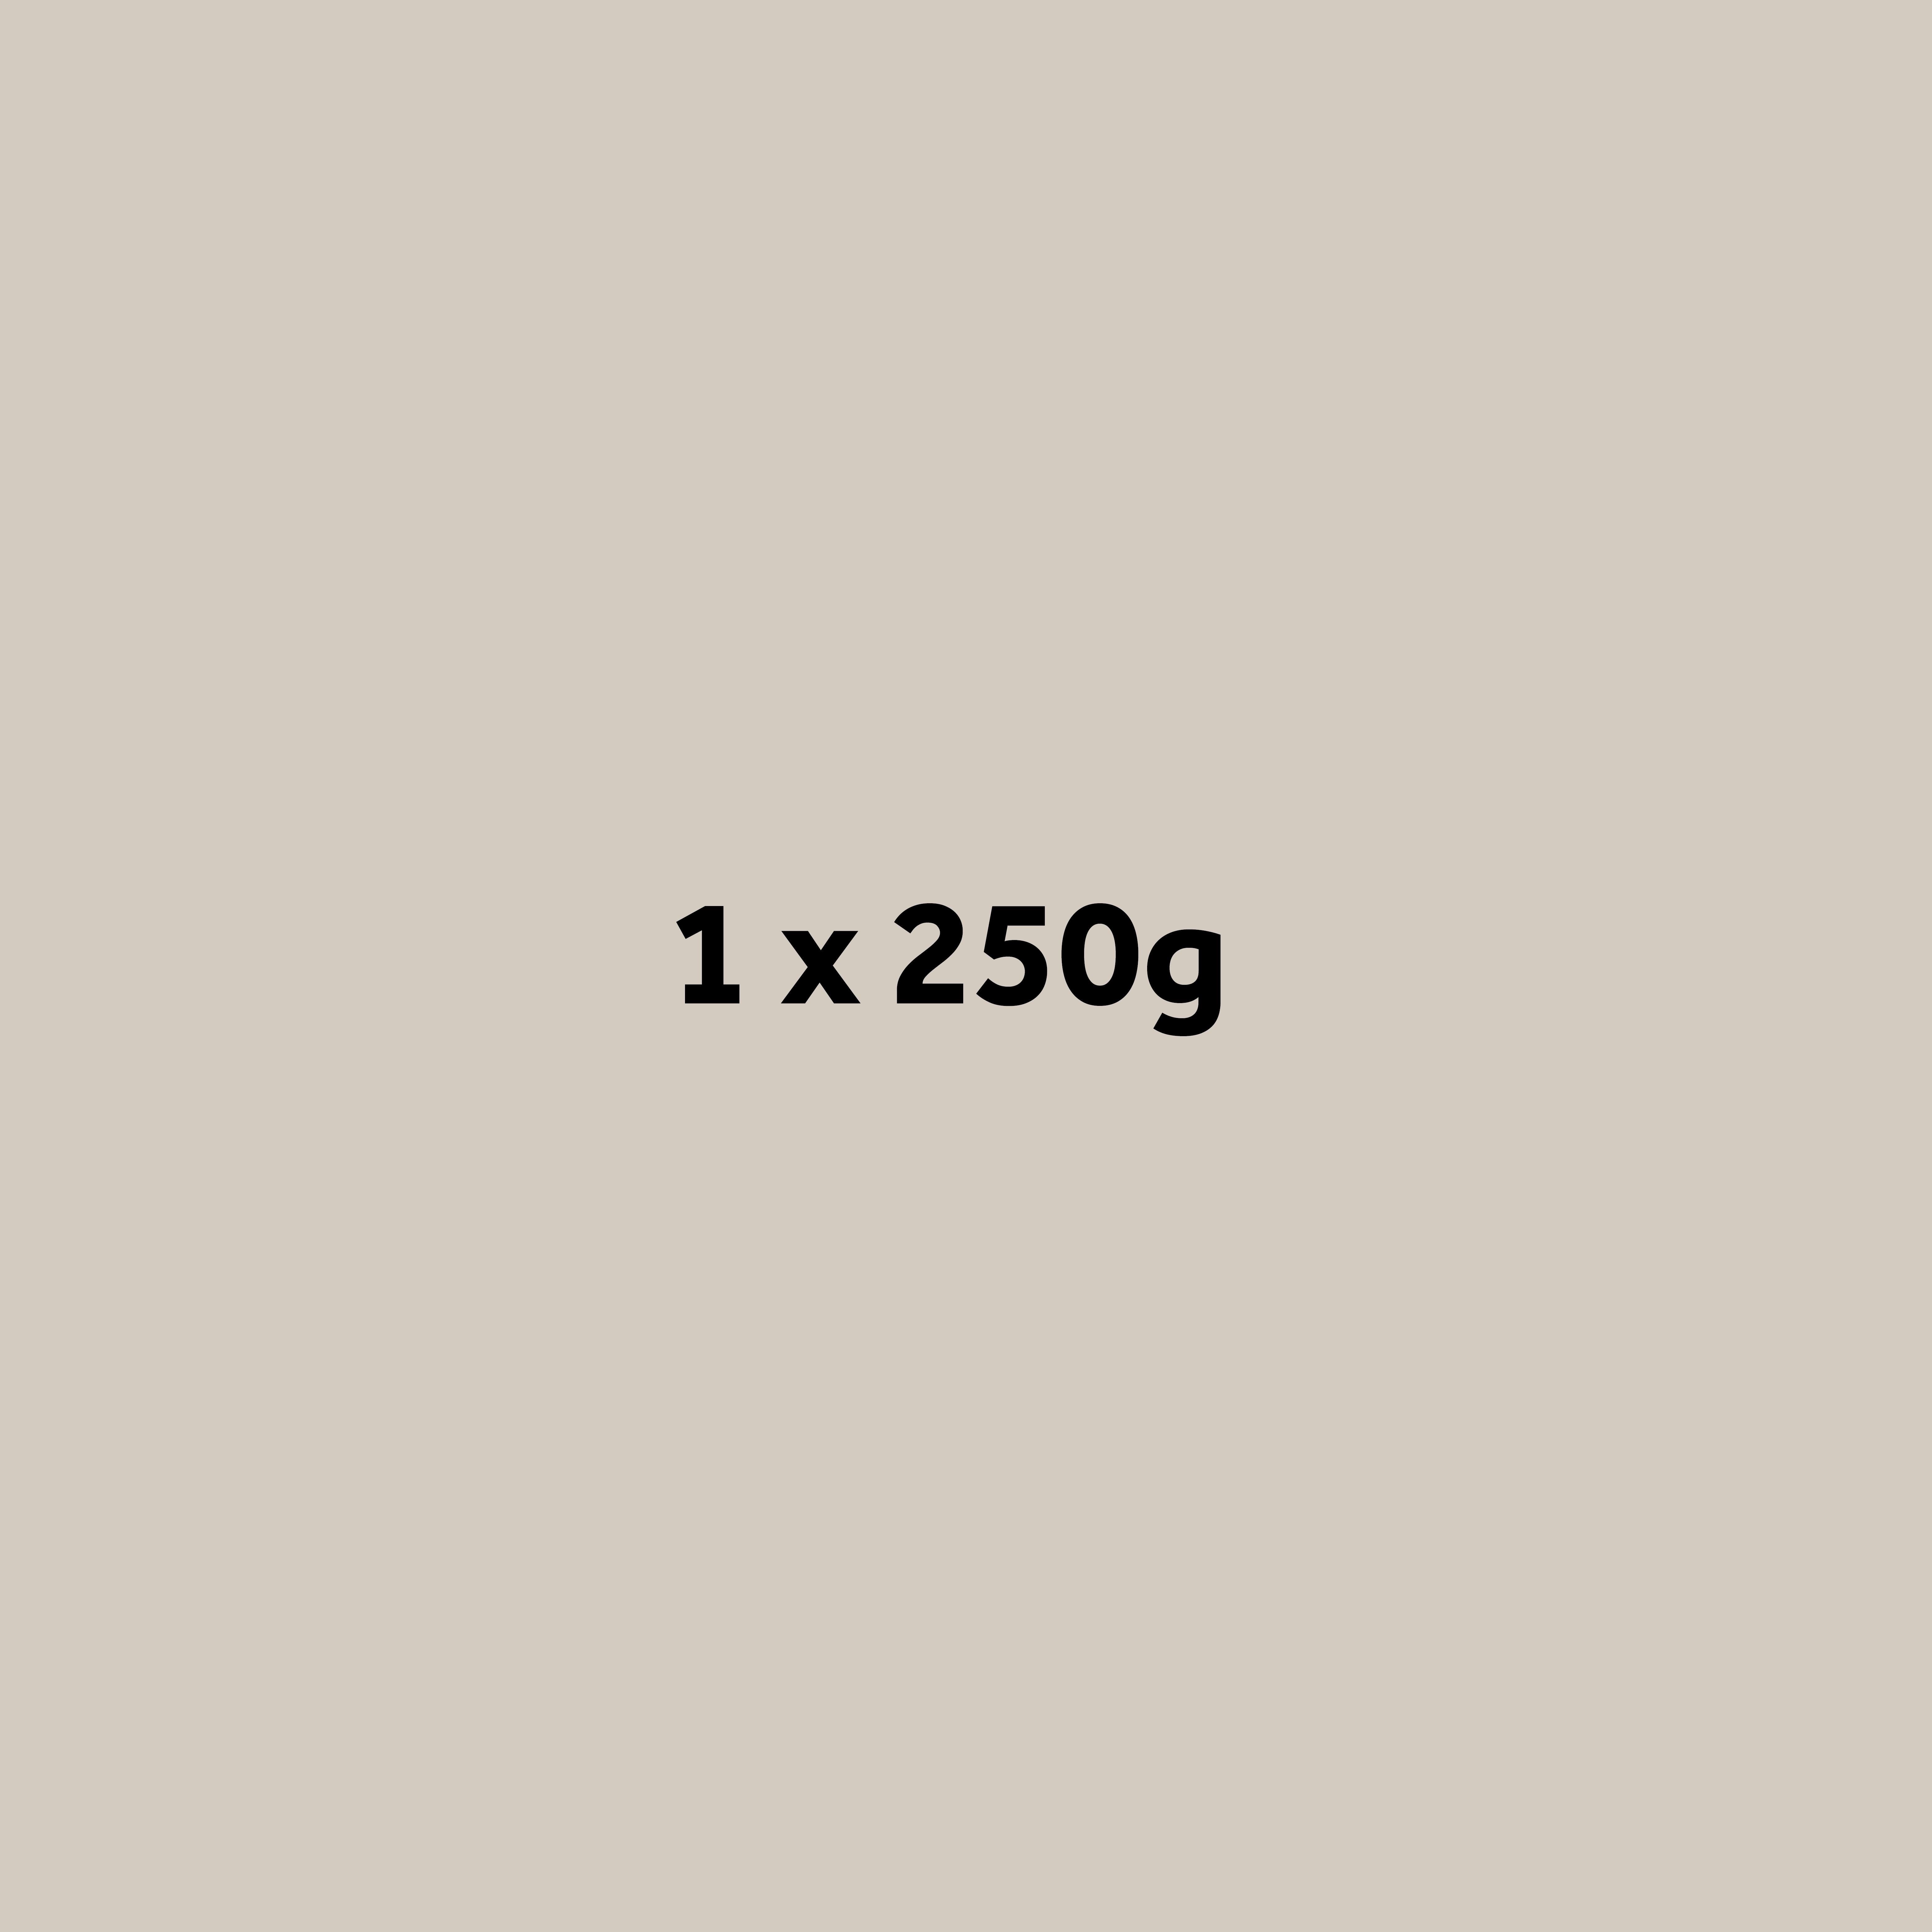 1 x 250g